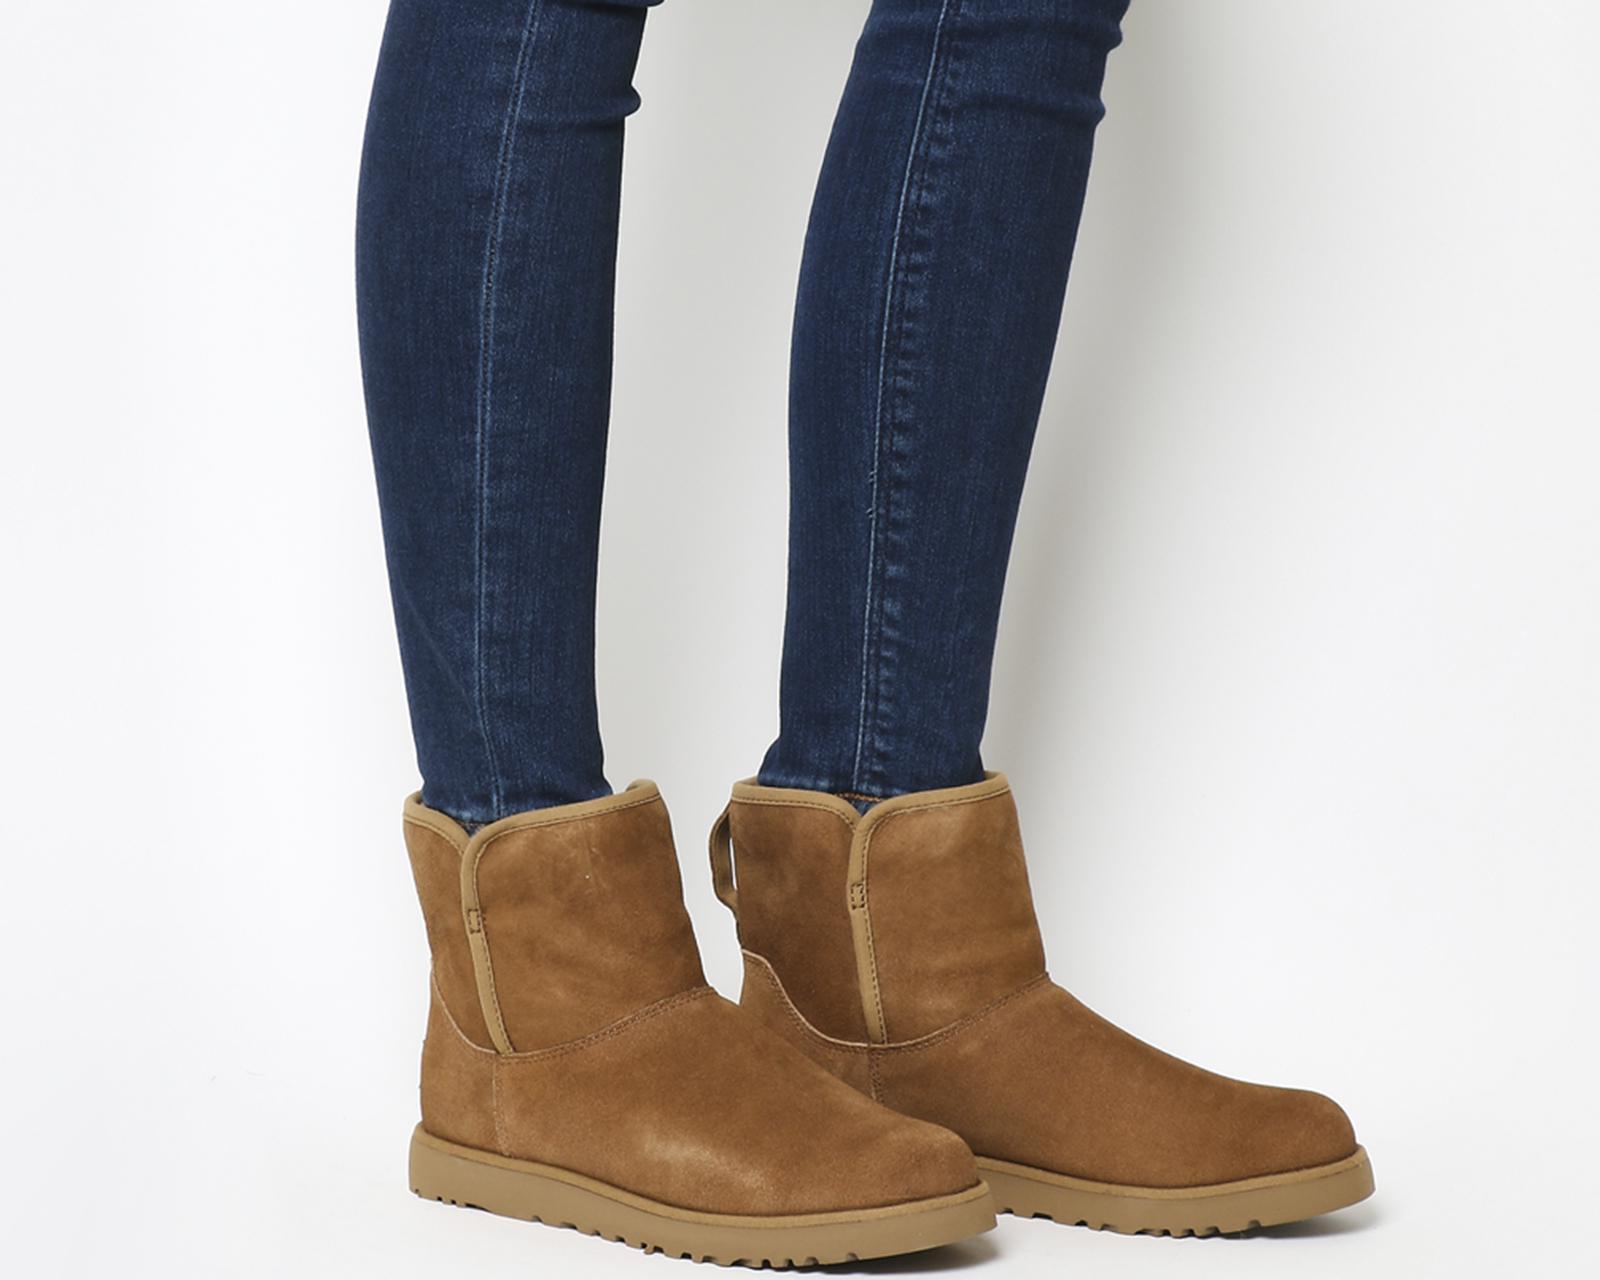 ffb1cd2b5df Ugg Brown Cory Mini Slim Boot